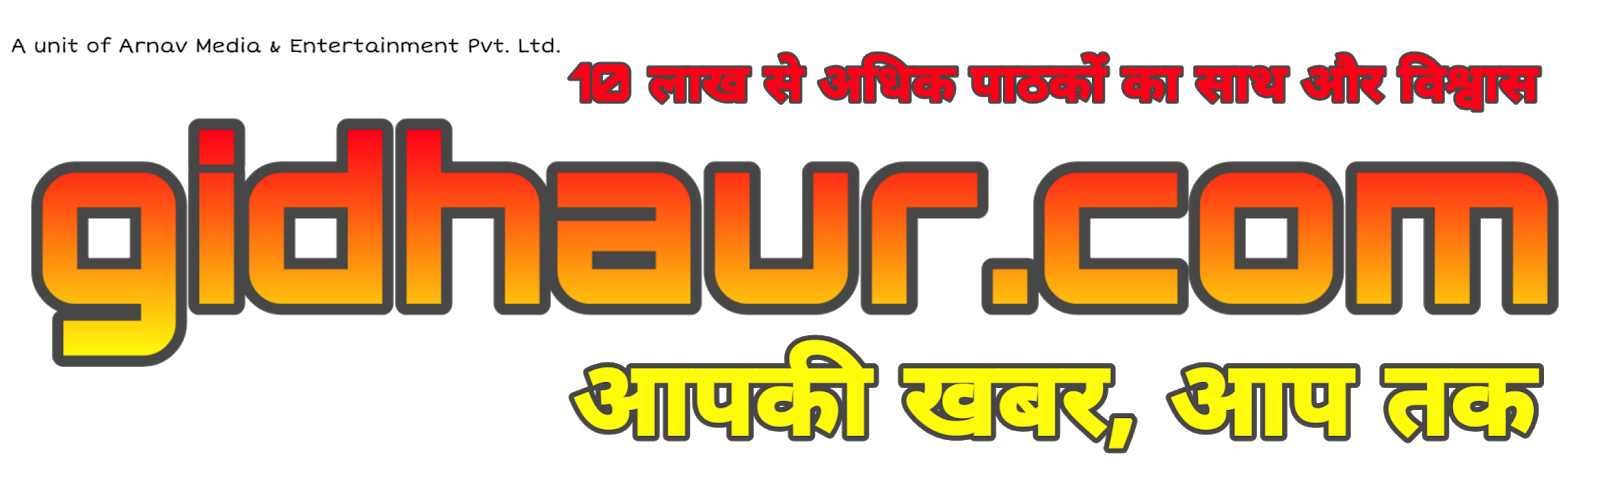 gidhaur.com : Gidhaur - गिद्धौर - Gidhaur News - Bihar - Jamui - जमुई - Jamui Samachar - जमुई समाचार